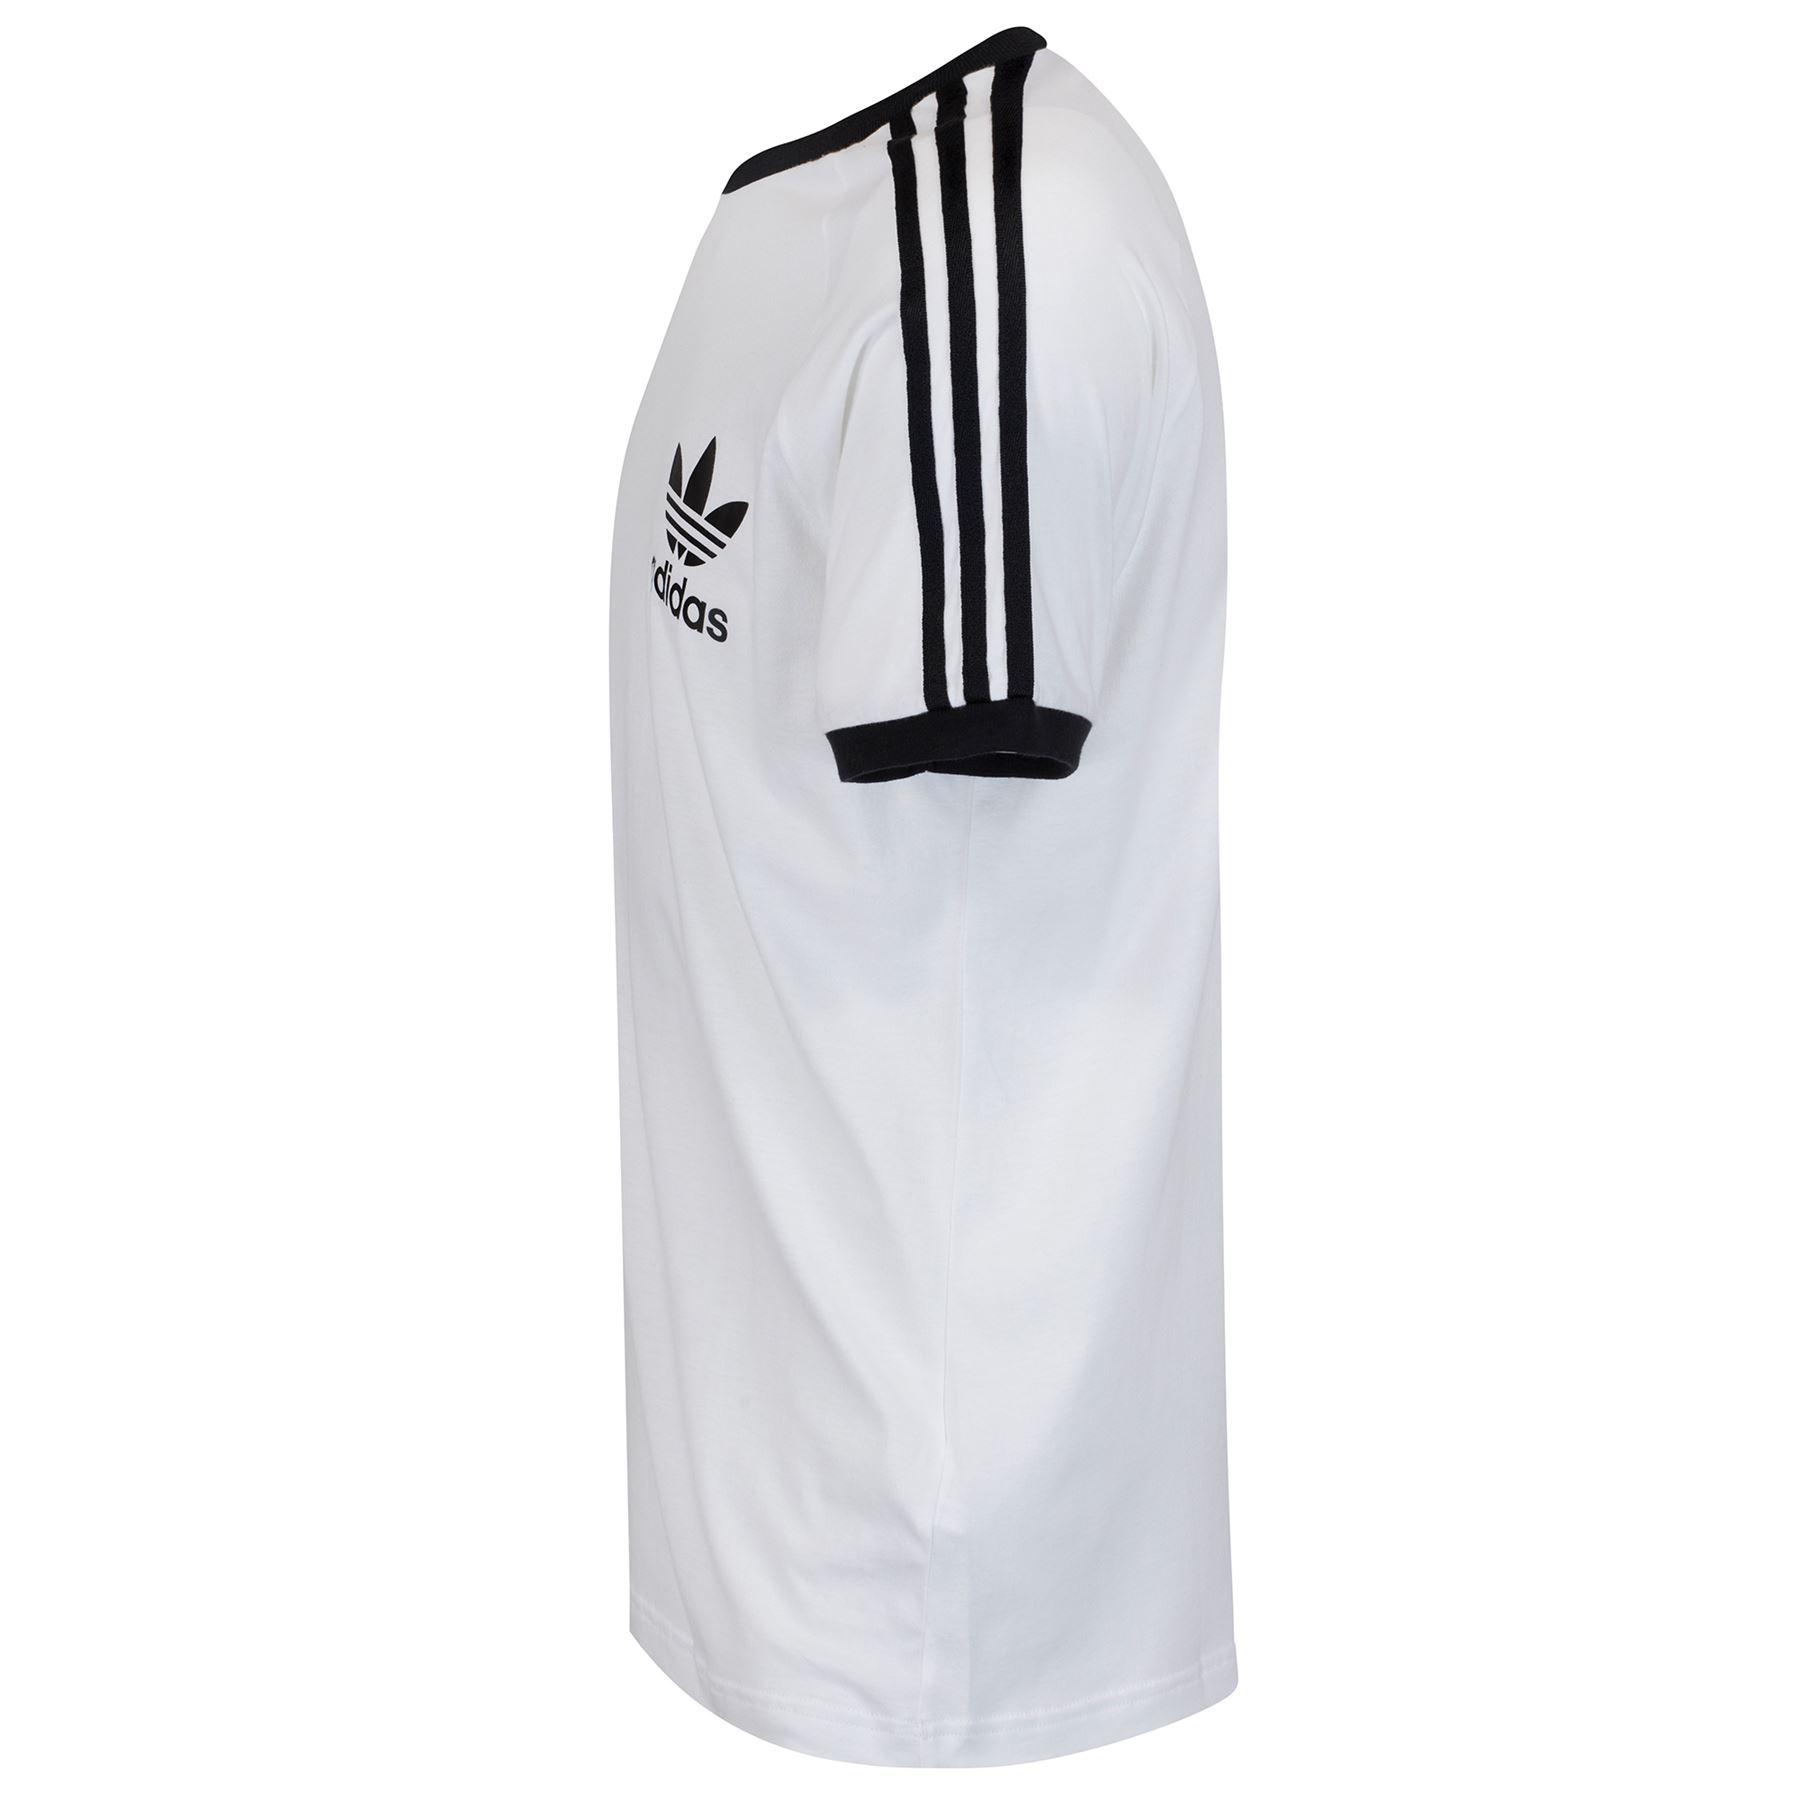 Détails sur Adidas Originals affectés T Shirt California rétro vintage trefoil vente Summer Men's afficher le titre d'origine